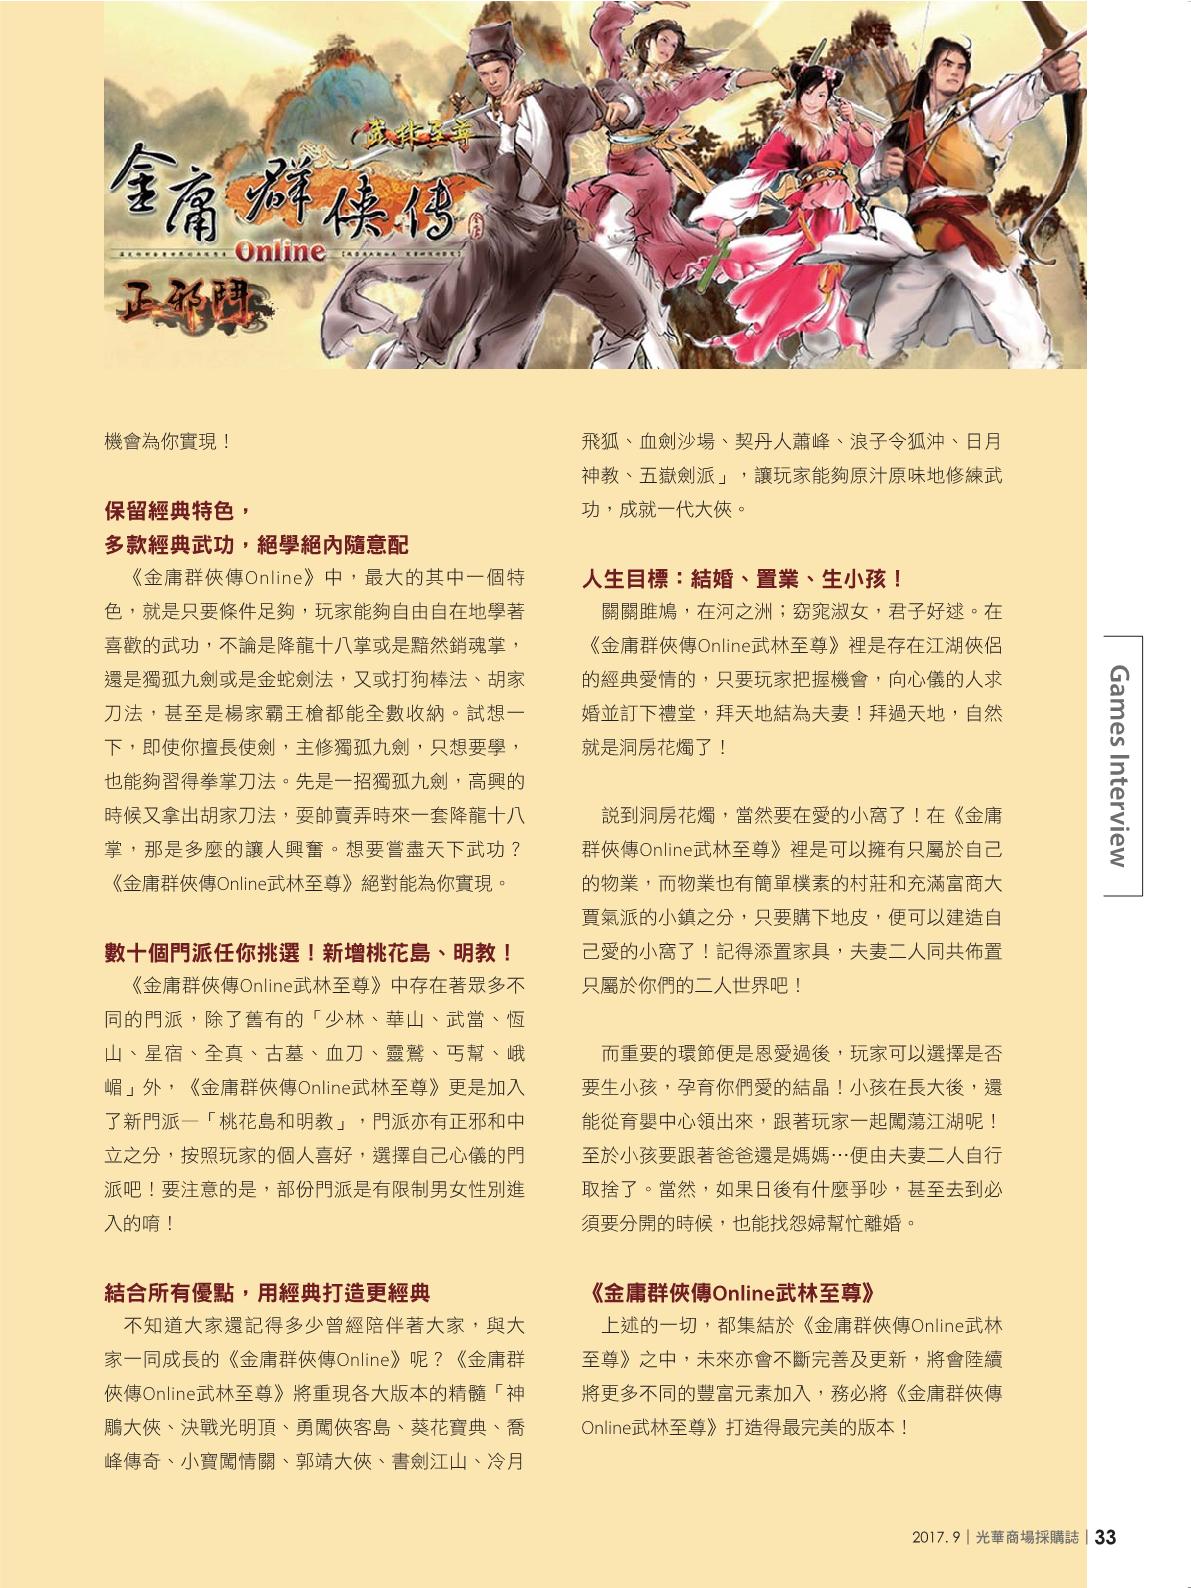 光華商場採購誌2017年9月號35.png